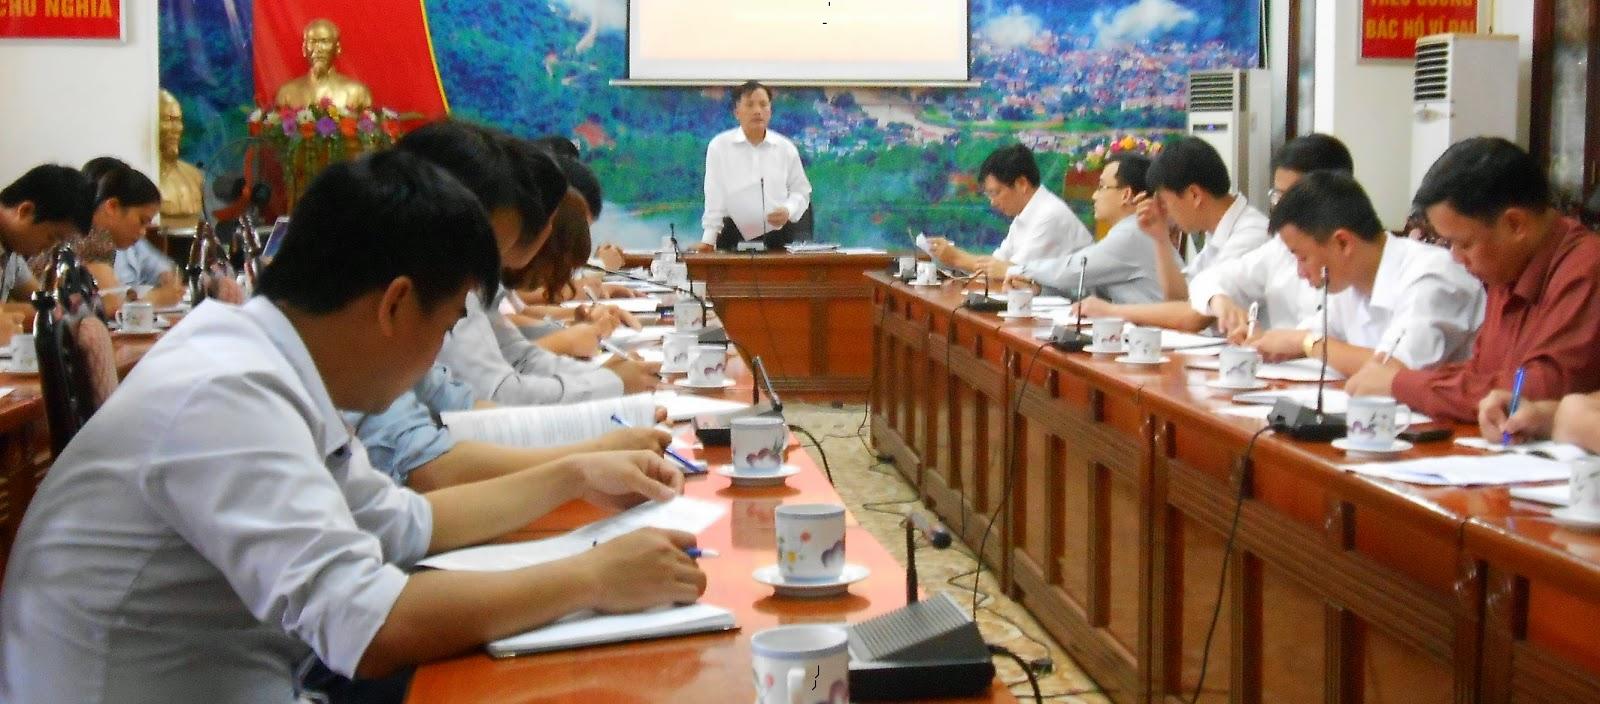 Lập 52 đoàn thanh tra môi trường tại Hà Nội cho 6 tháng cuối năm 2014